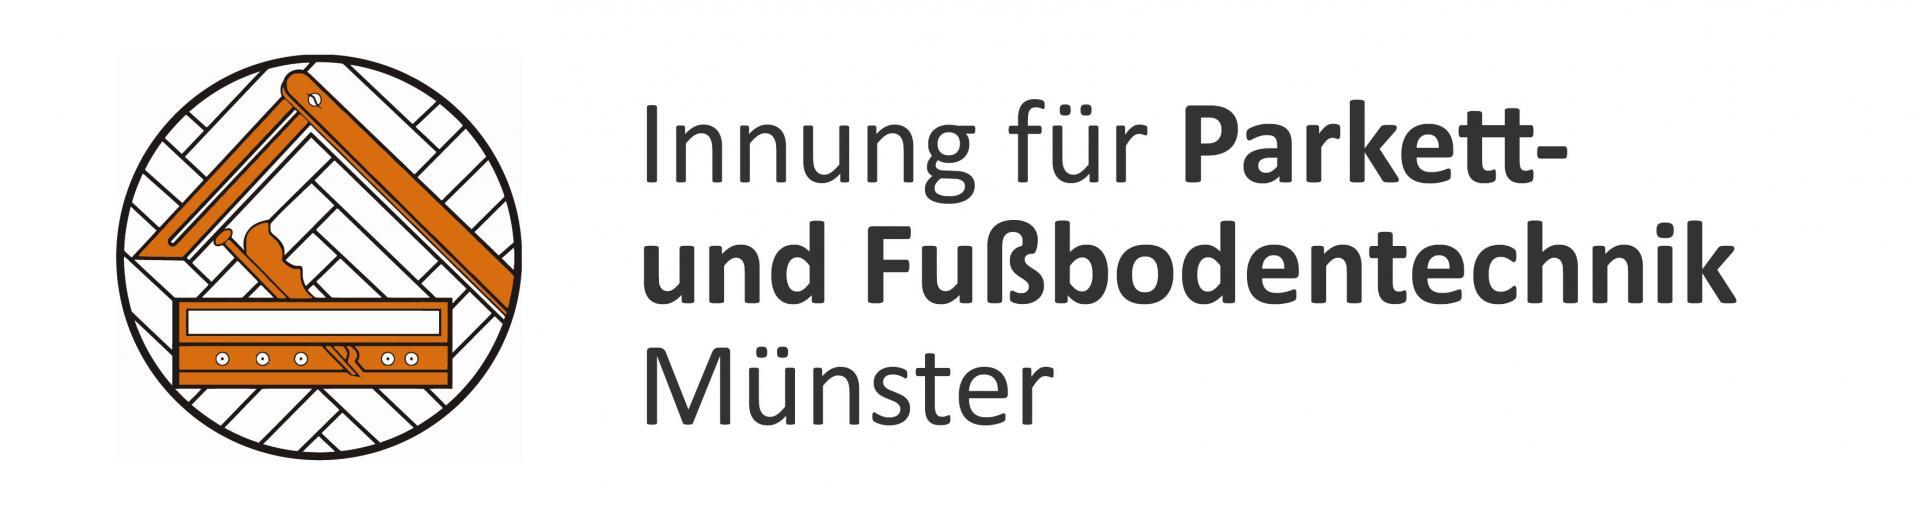 Innung für Parkett‐ u. Fußbodentechnik Münster